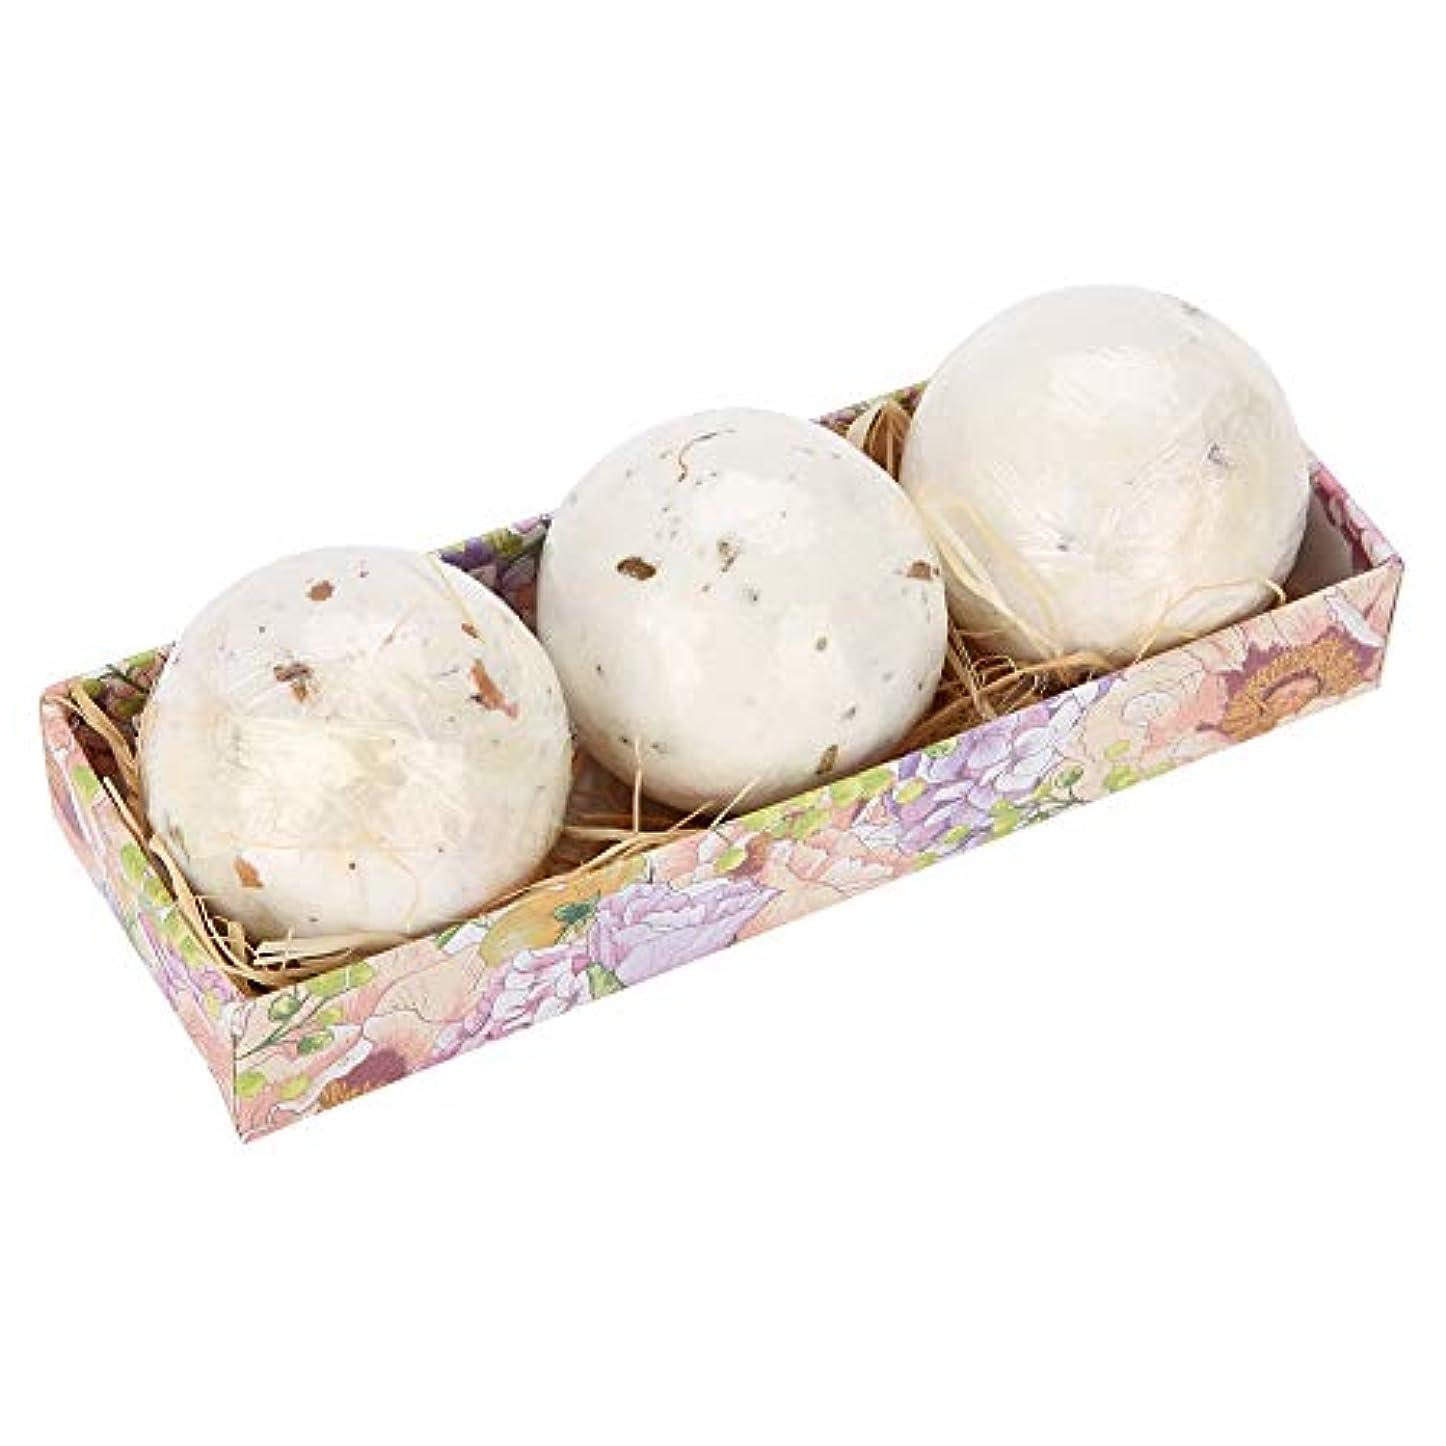 スコットランド人活発うっかりバスボム 4枚入り 爆弾バスボール 入浴剤 入浴料 セットお風呂用 海塩 潤い 肌に良い 痒み止め 贈り物 ギフト